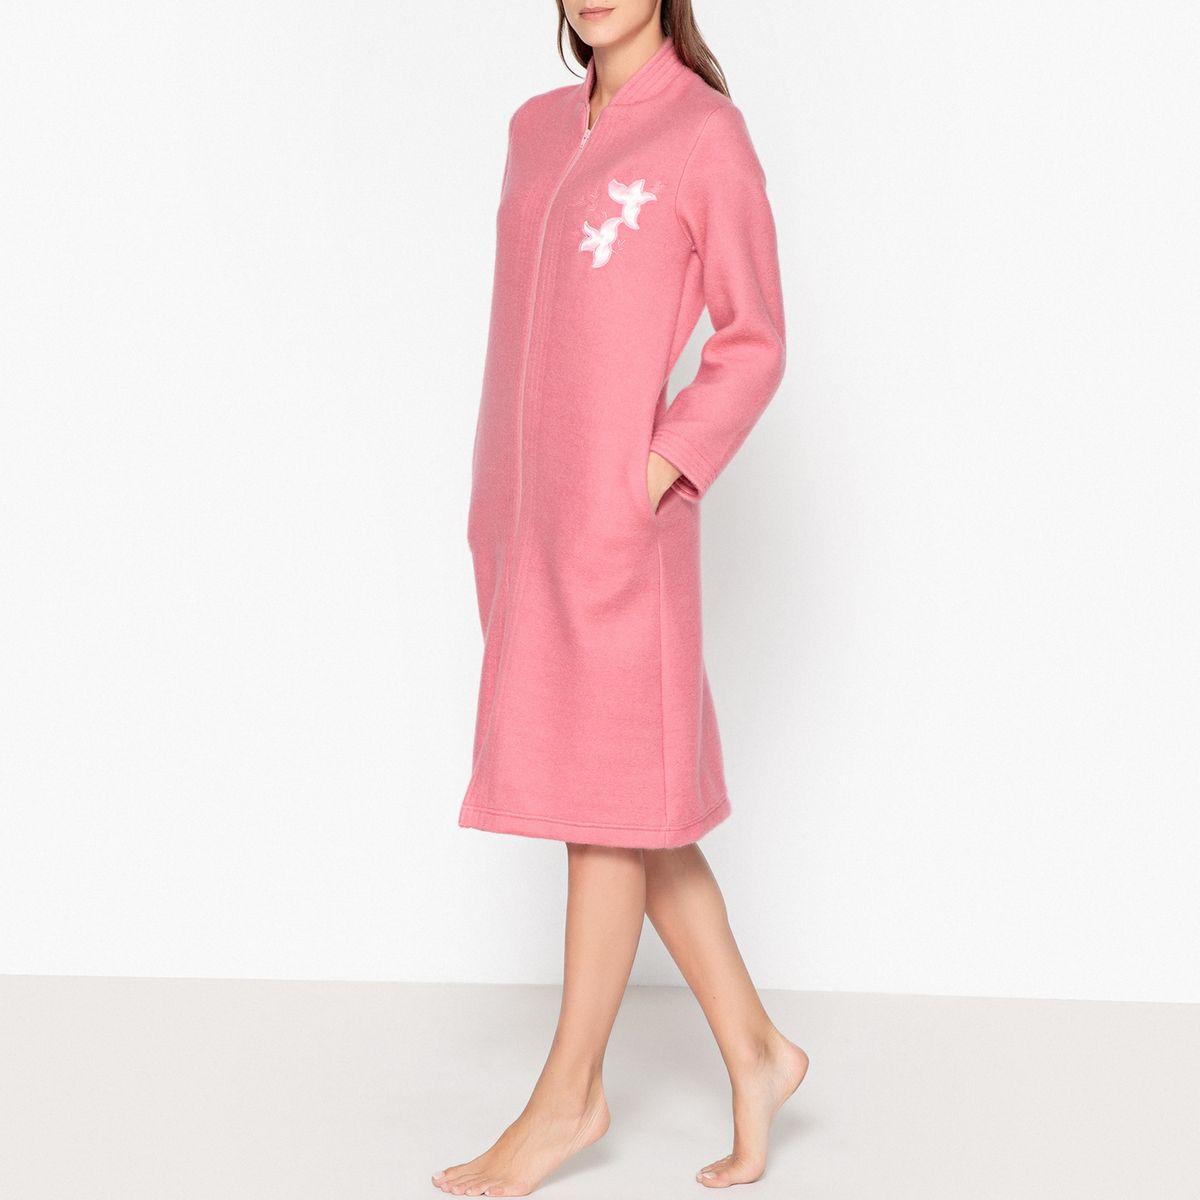 Robe De Chambre Label Courtelle Vetements Pour Dames Robes Sans Manches Et Idees De Mode